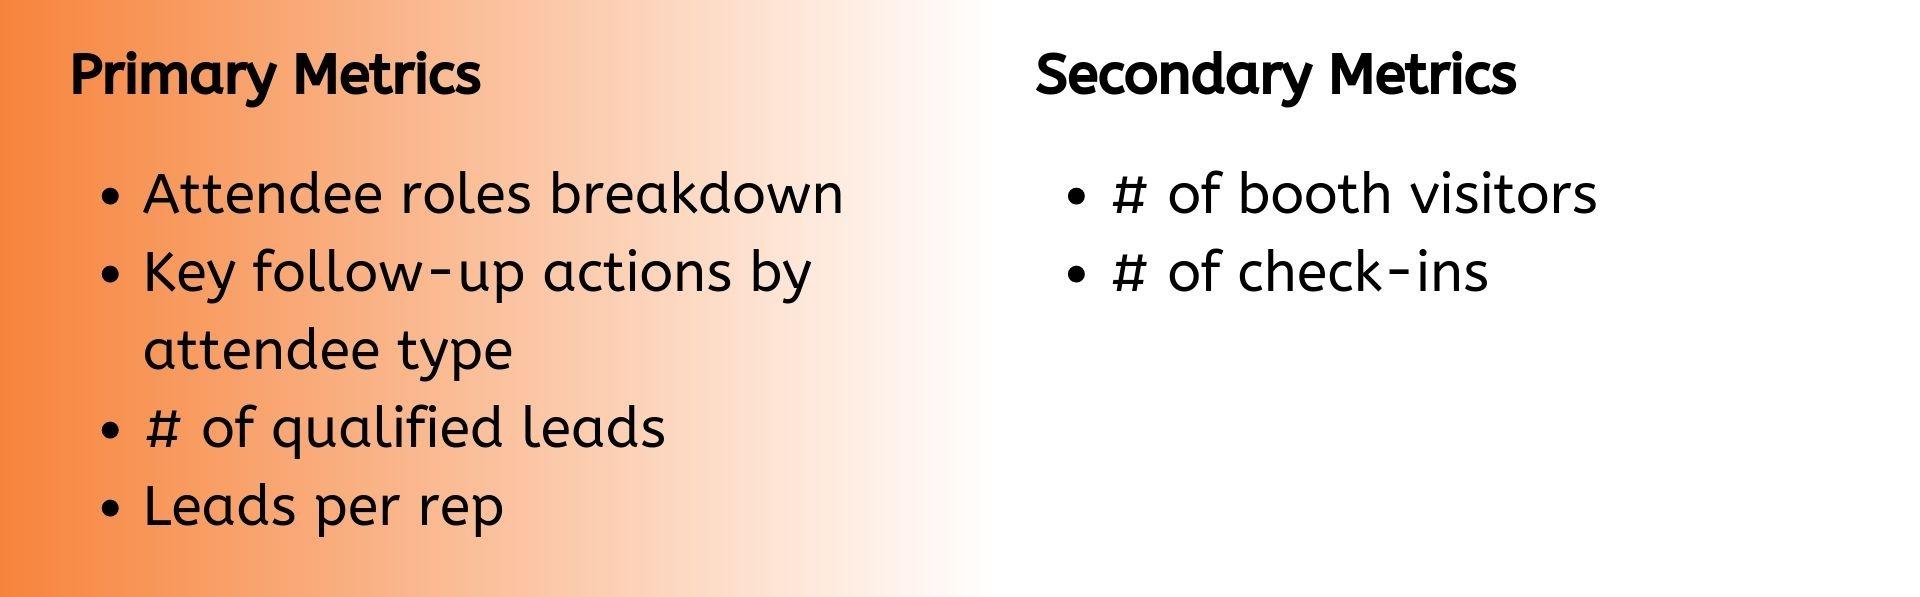 Primary Metrics (2)